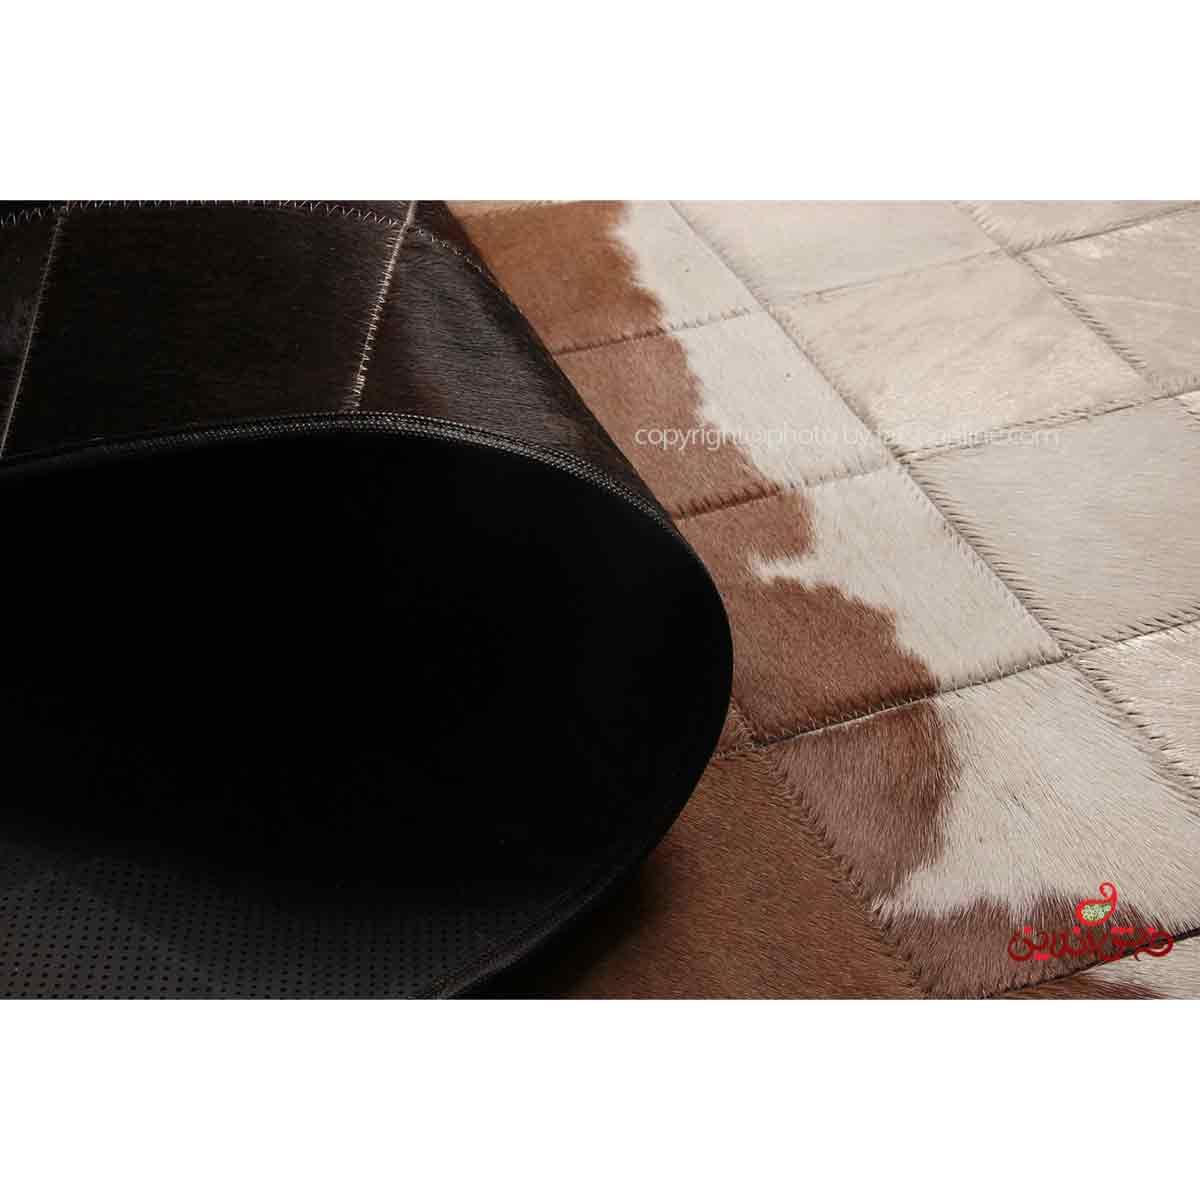 فرش پوست و چرم 2219